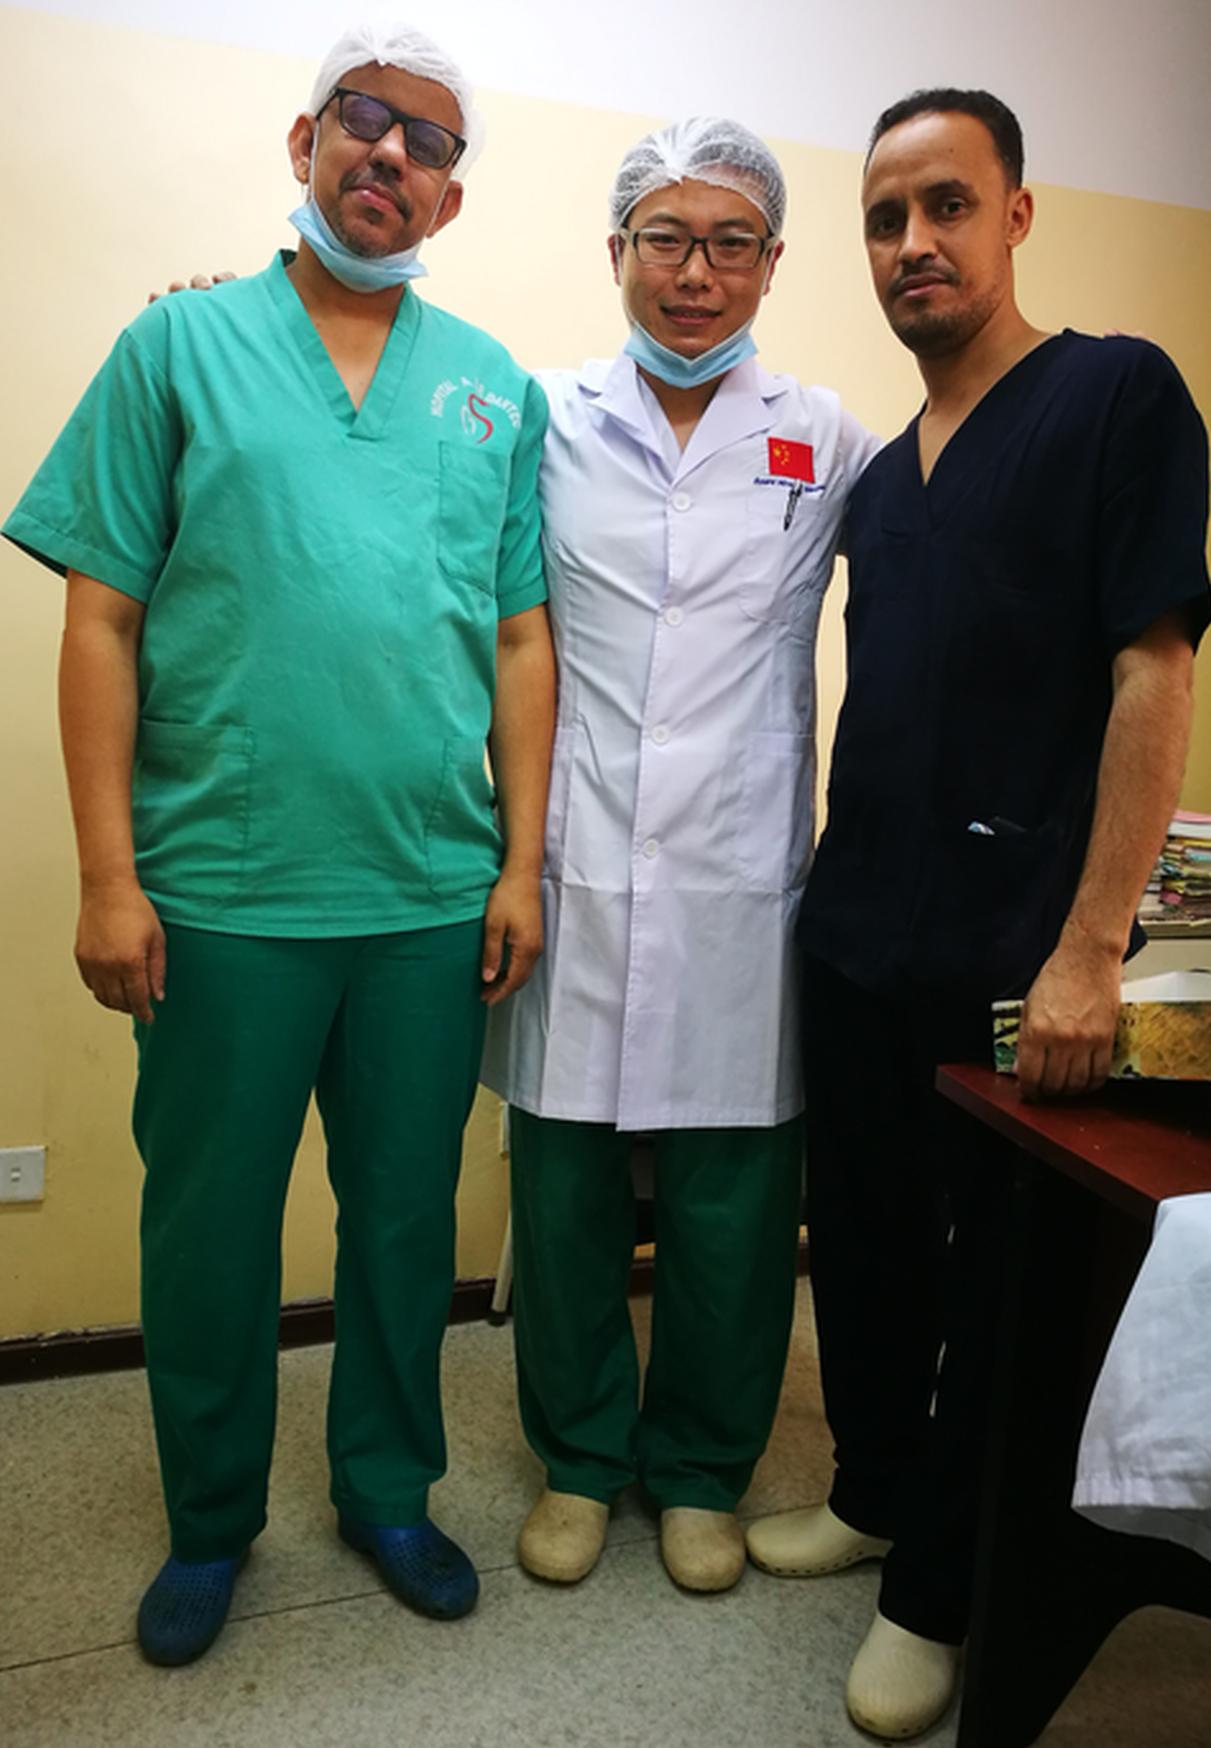 哈市一院孙嘉阳腹腔镜下为胆囊病患解除痛苦